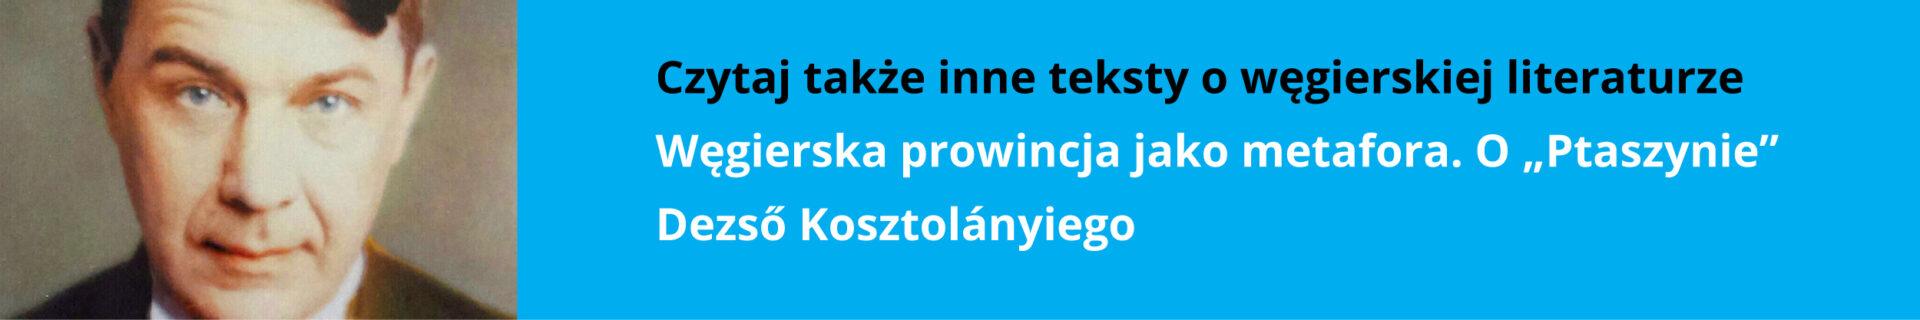 Kosztolanyi_baner